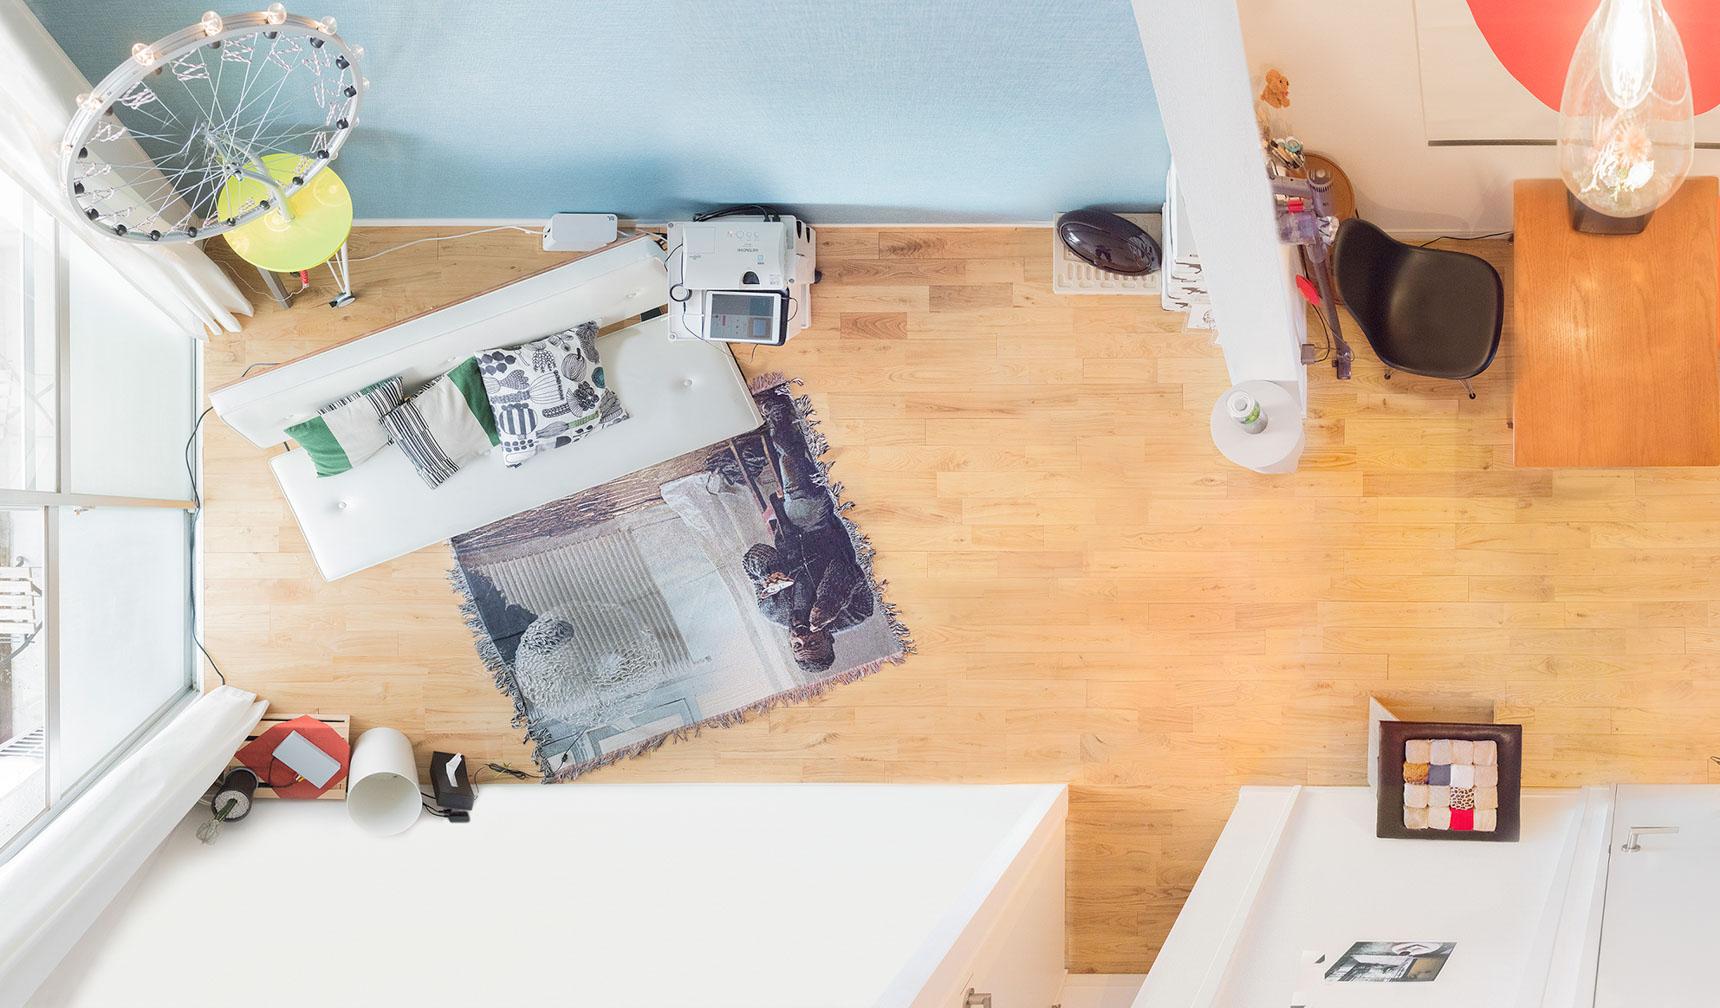 「お揃い」が似合うカップルの、こだわりインテリアの部屋